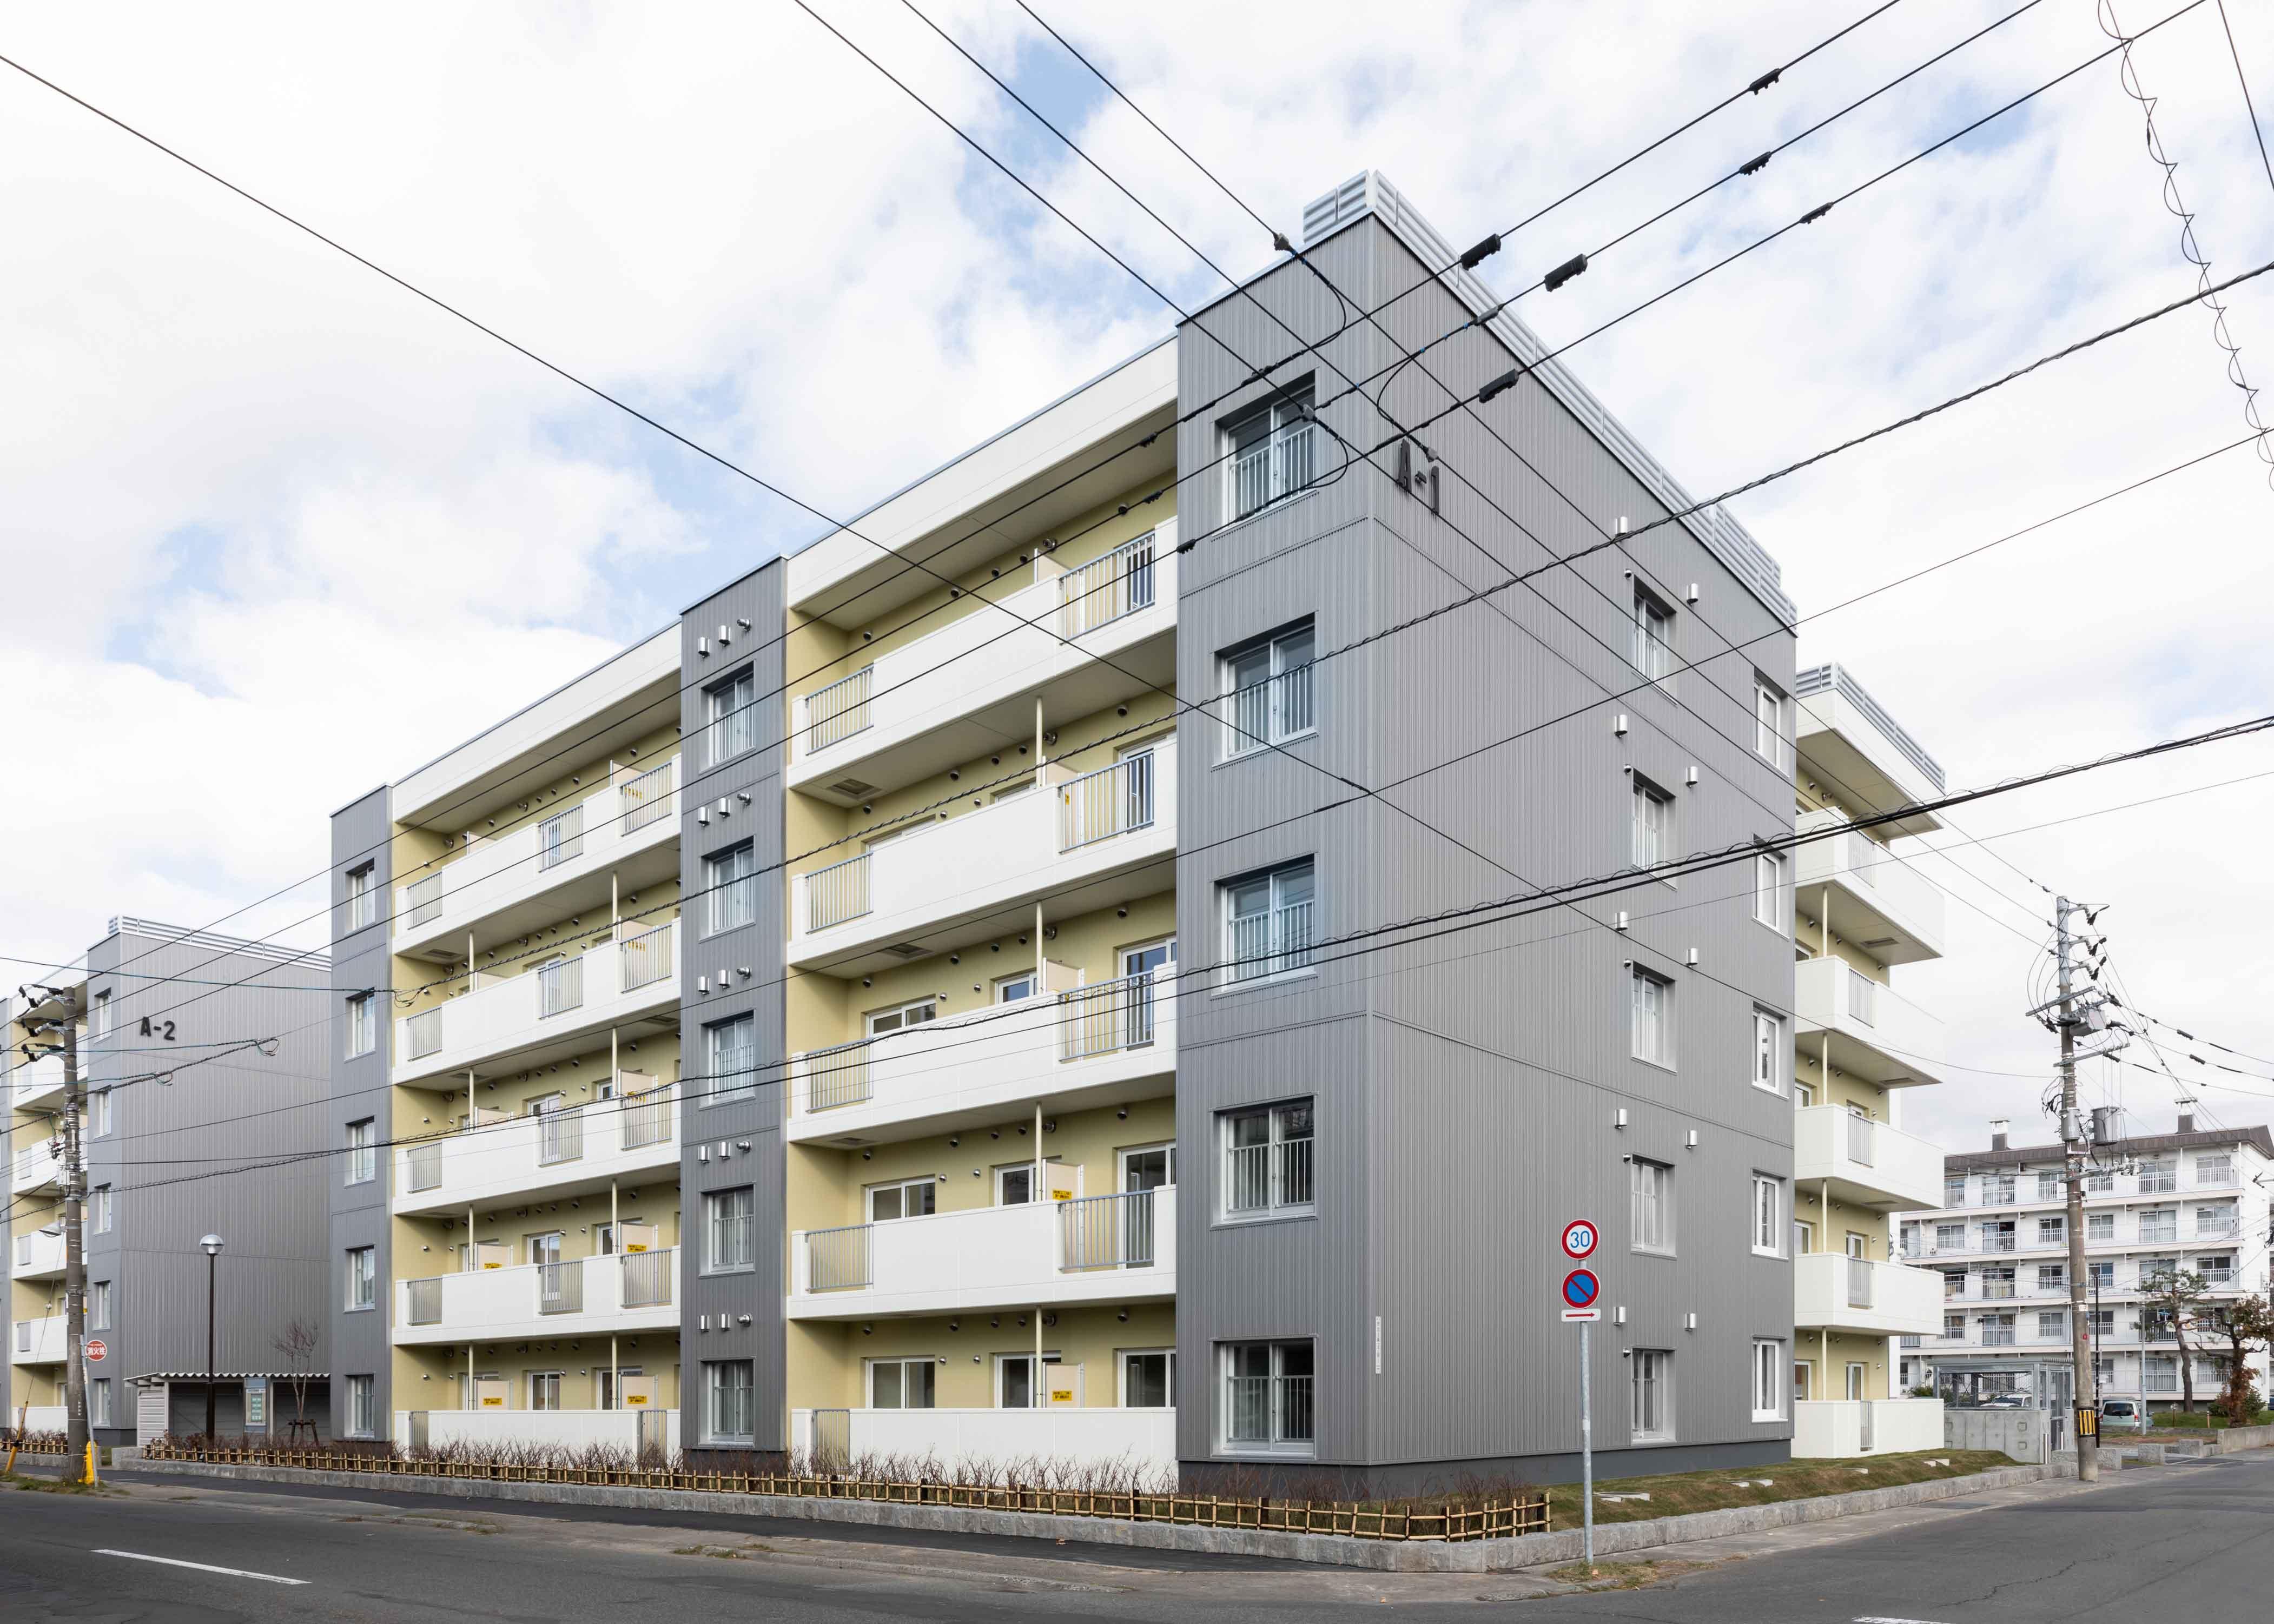 市営住宅(伏古団地建替1 号棟)新築工事(主体工事)